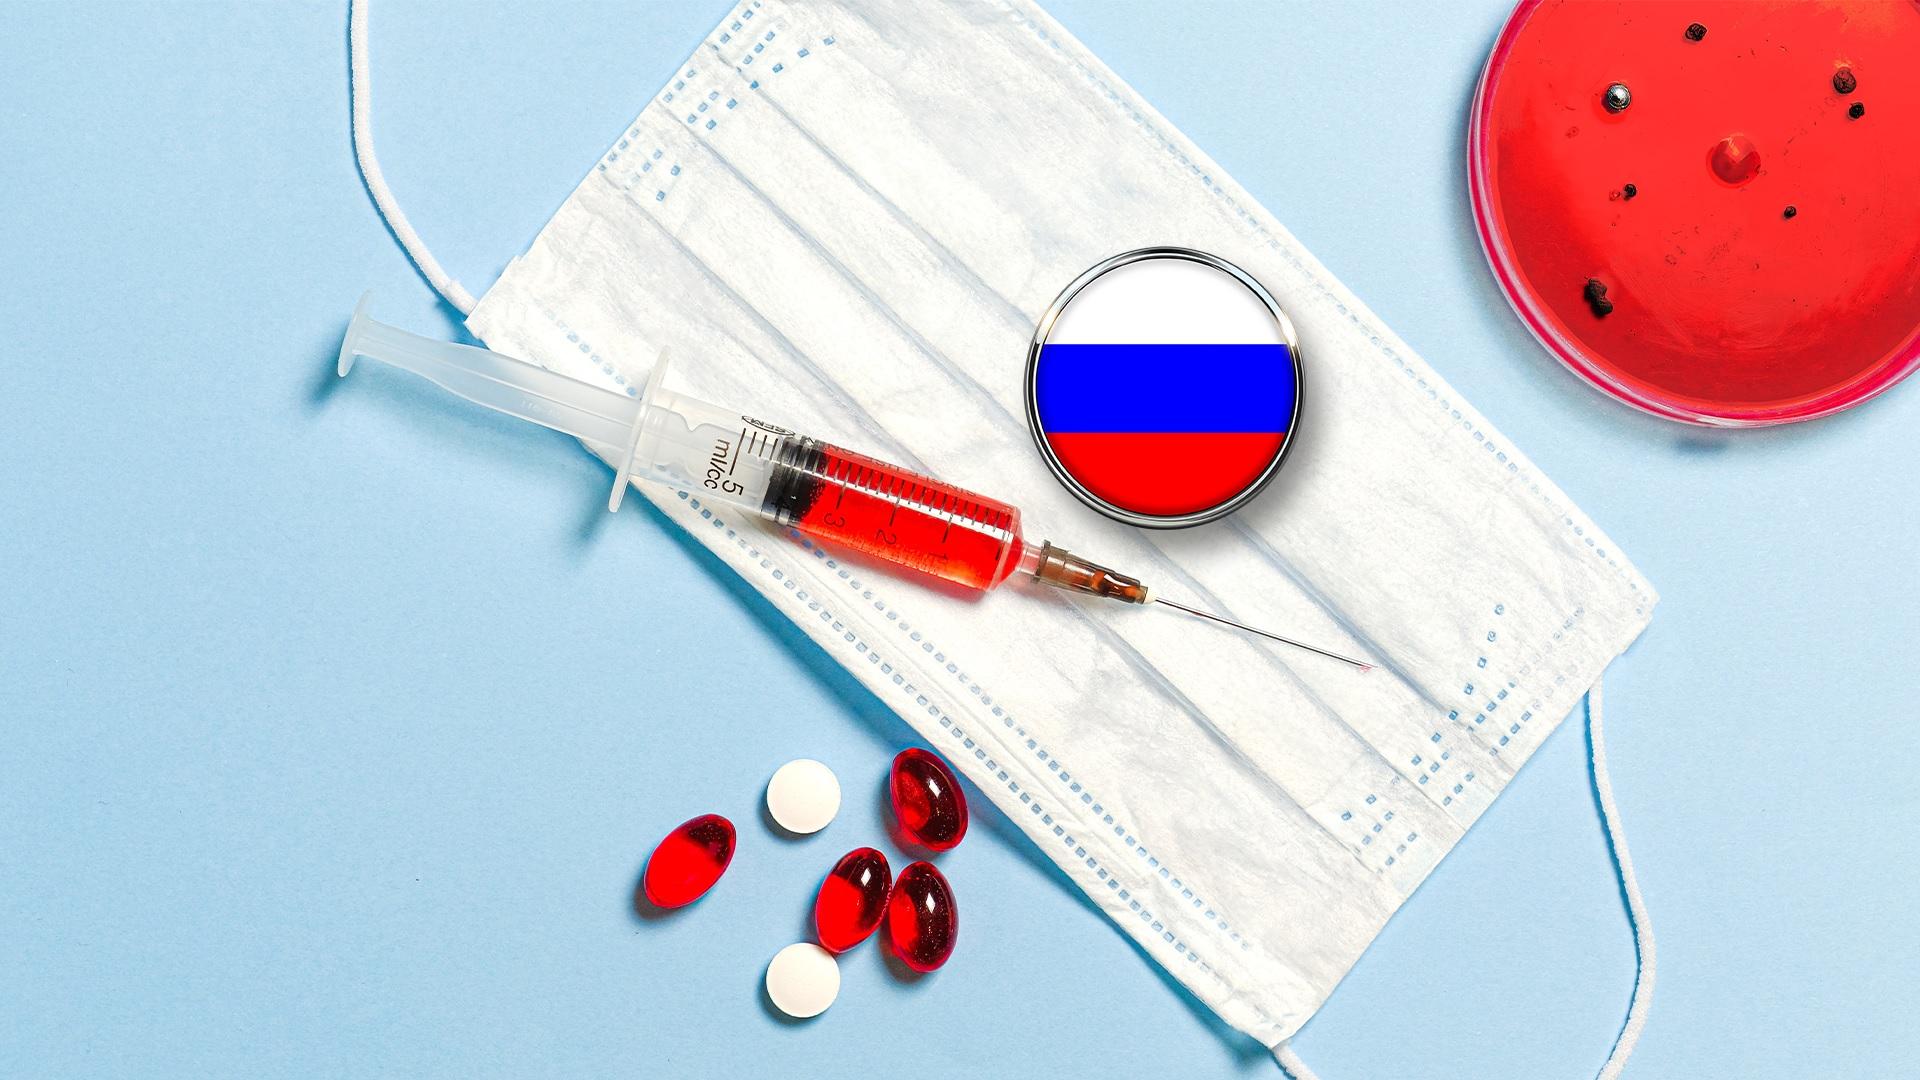 Κορωνοϊός Ρωσία Εμβόλιο: Νέα ενθαρρυντικά αποτελέσματα